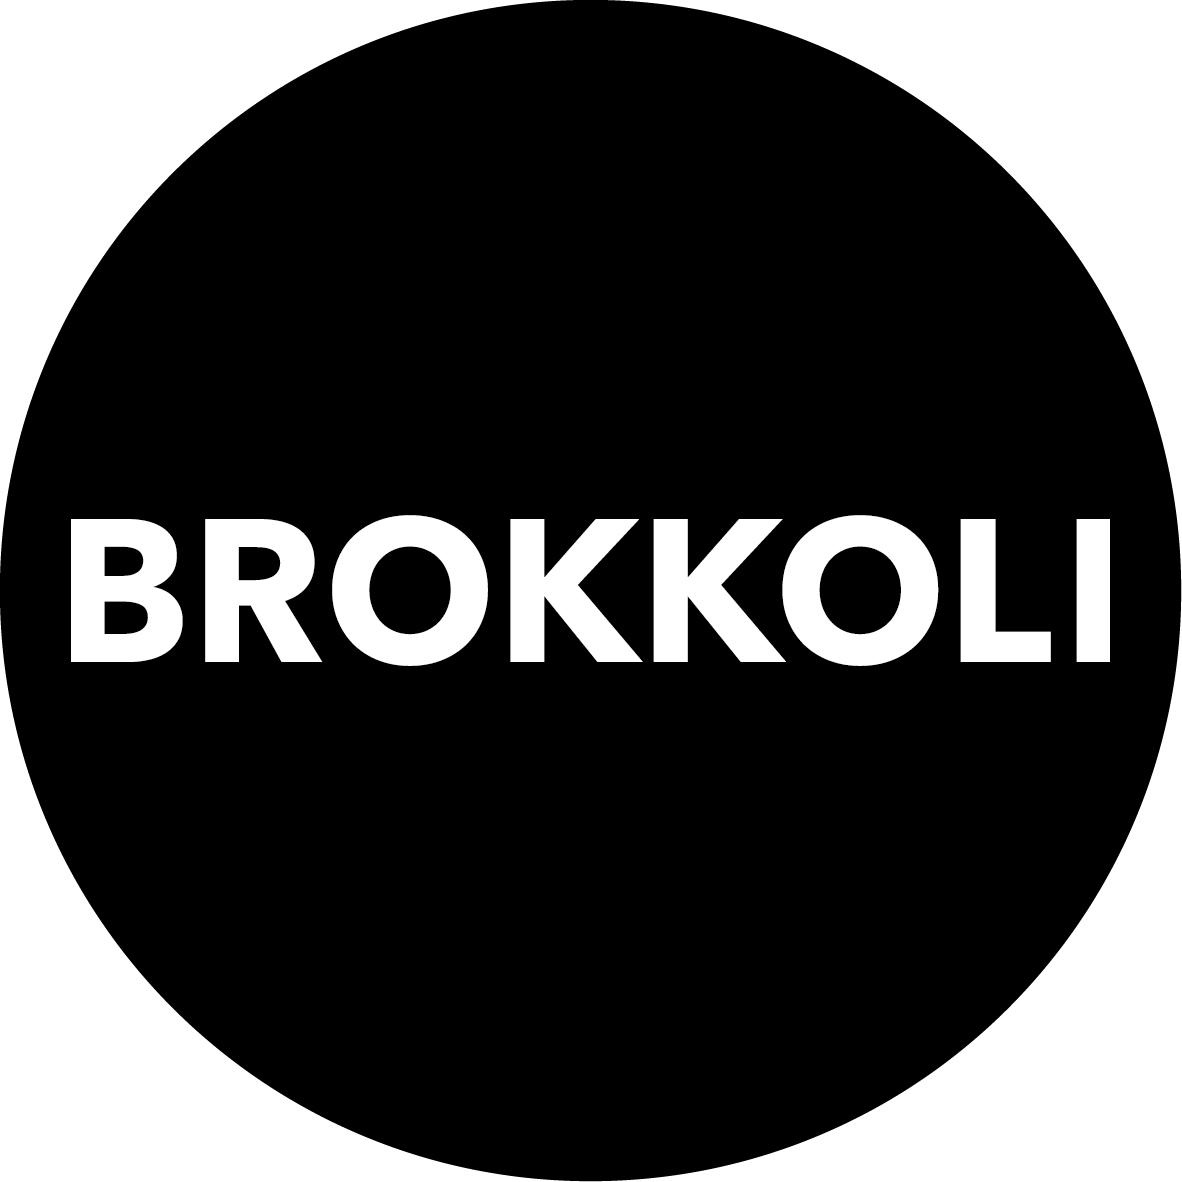 Brokkoli Advertising Network